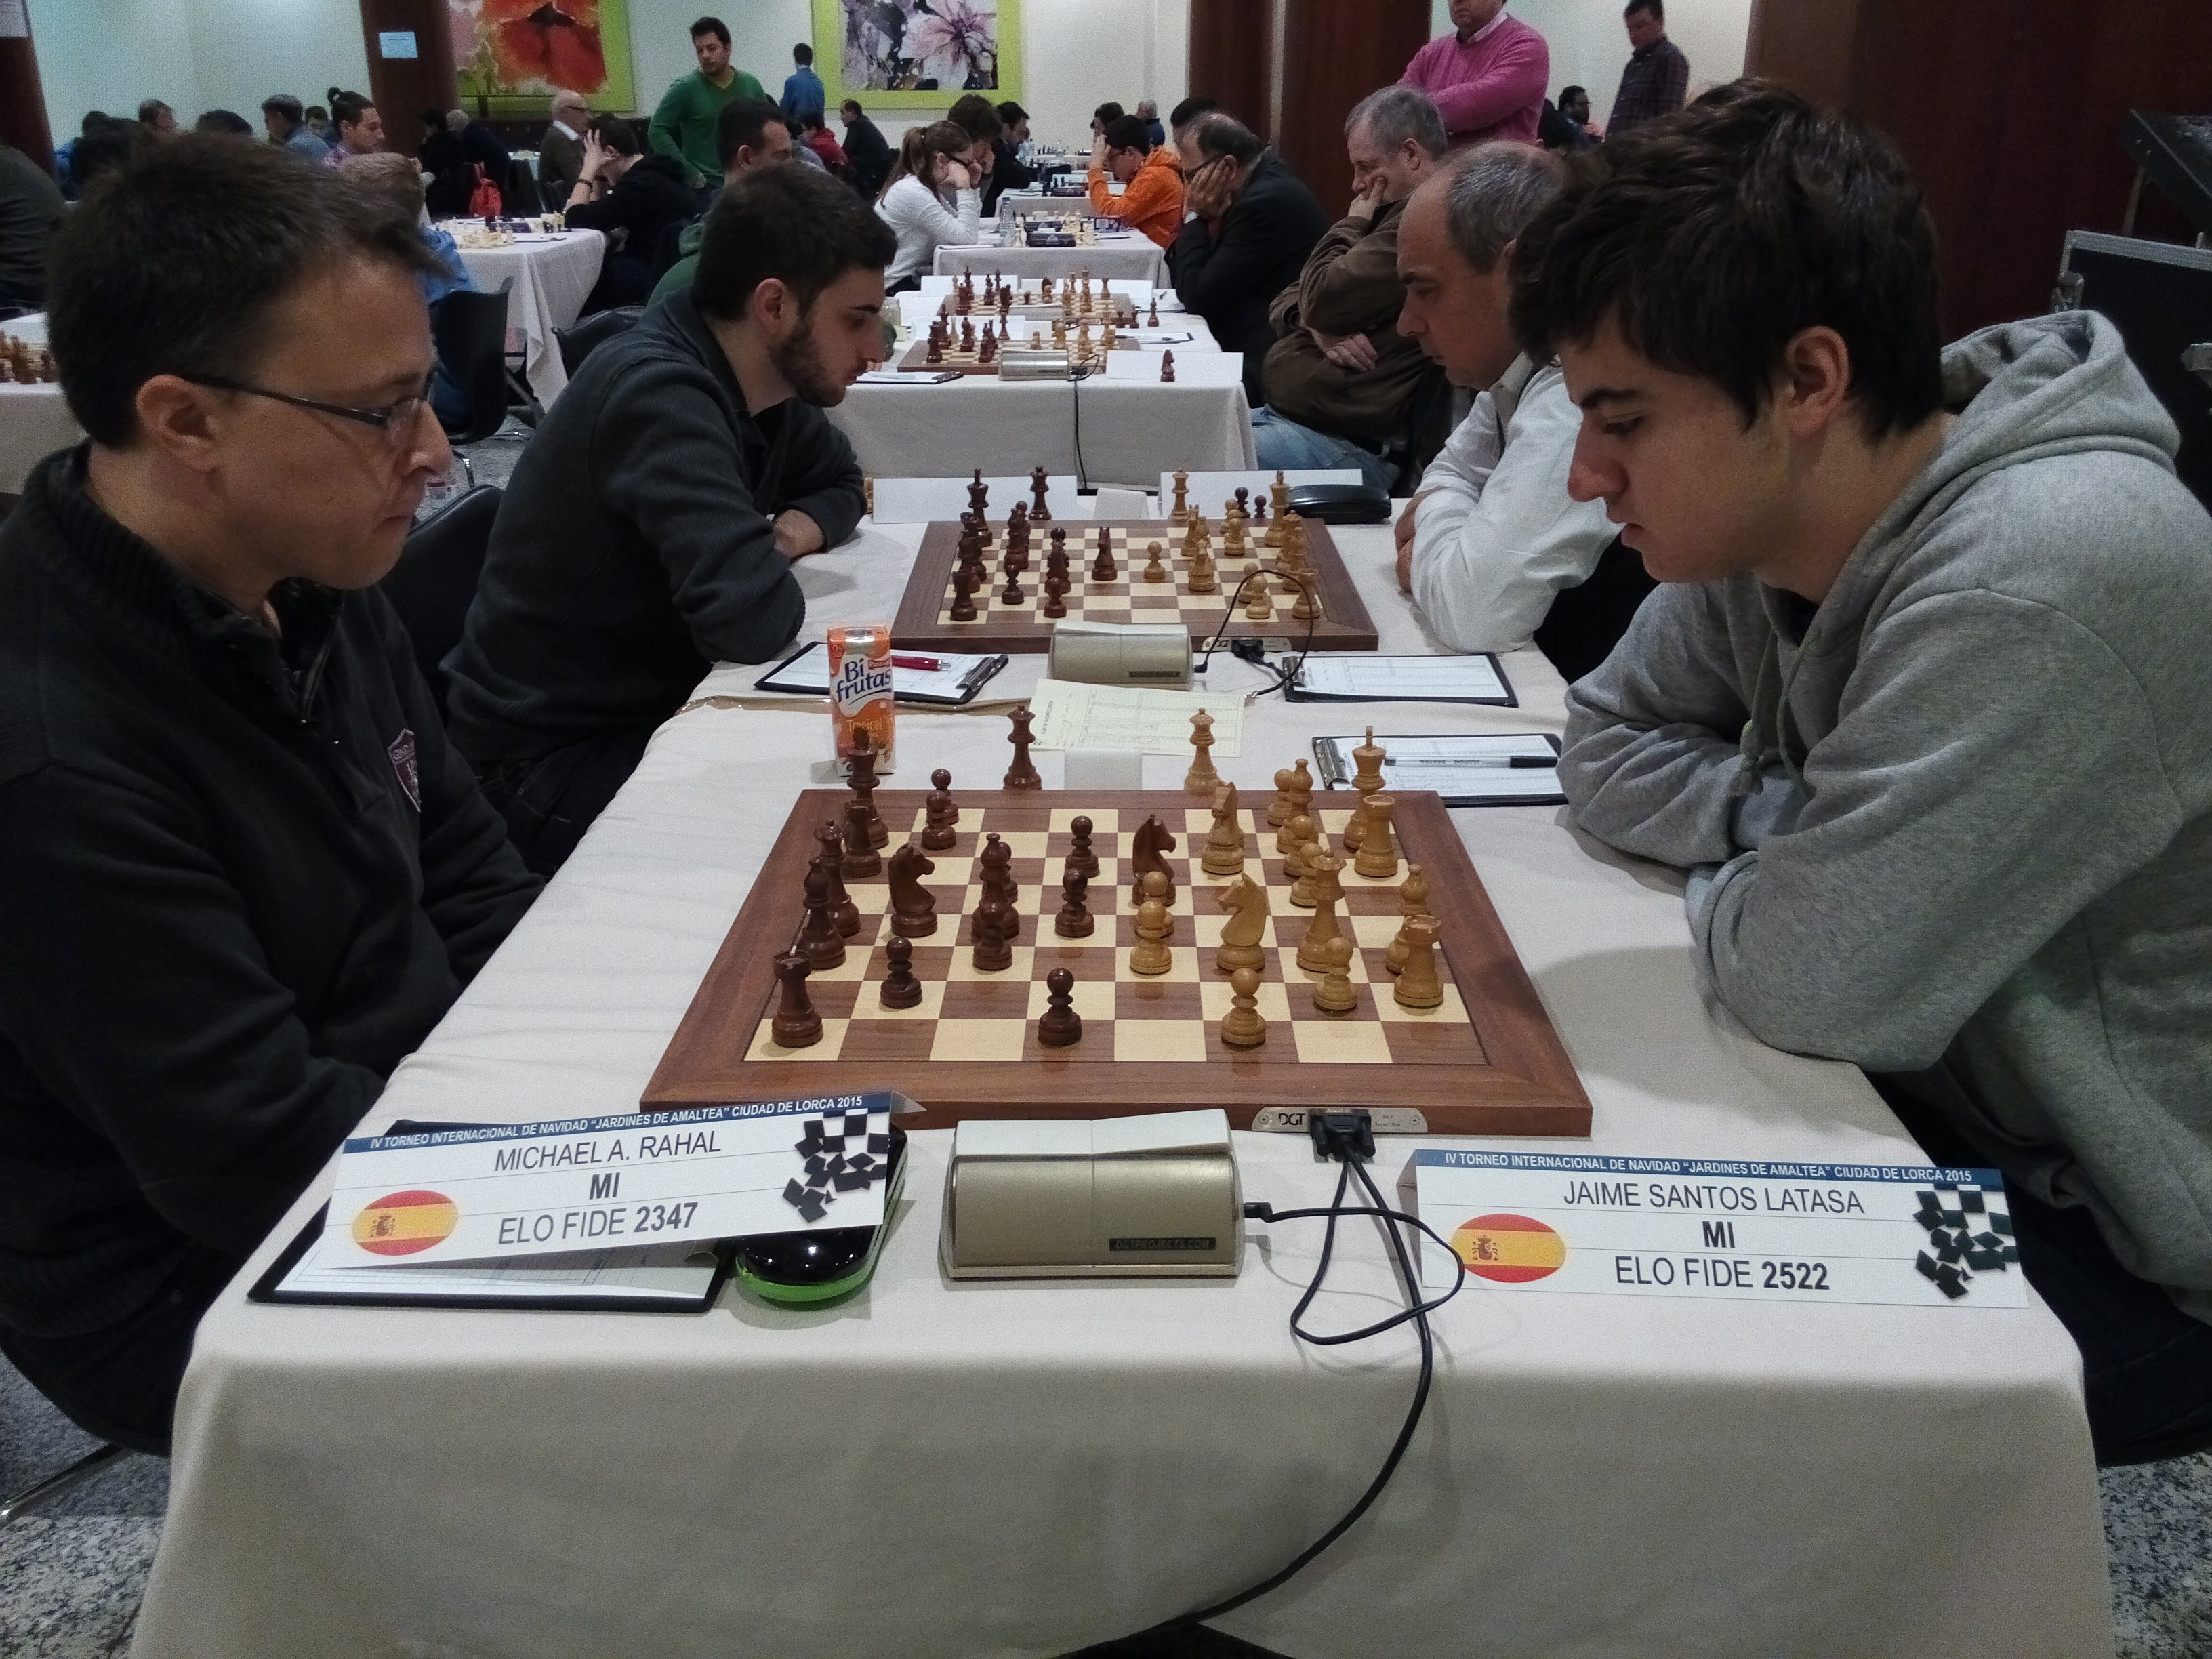 MI Jaime Santos Latasa vs MI Michael Rahal